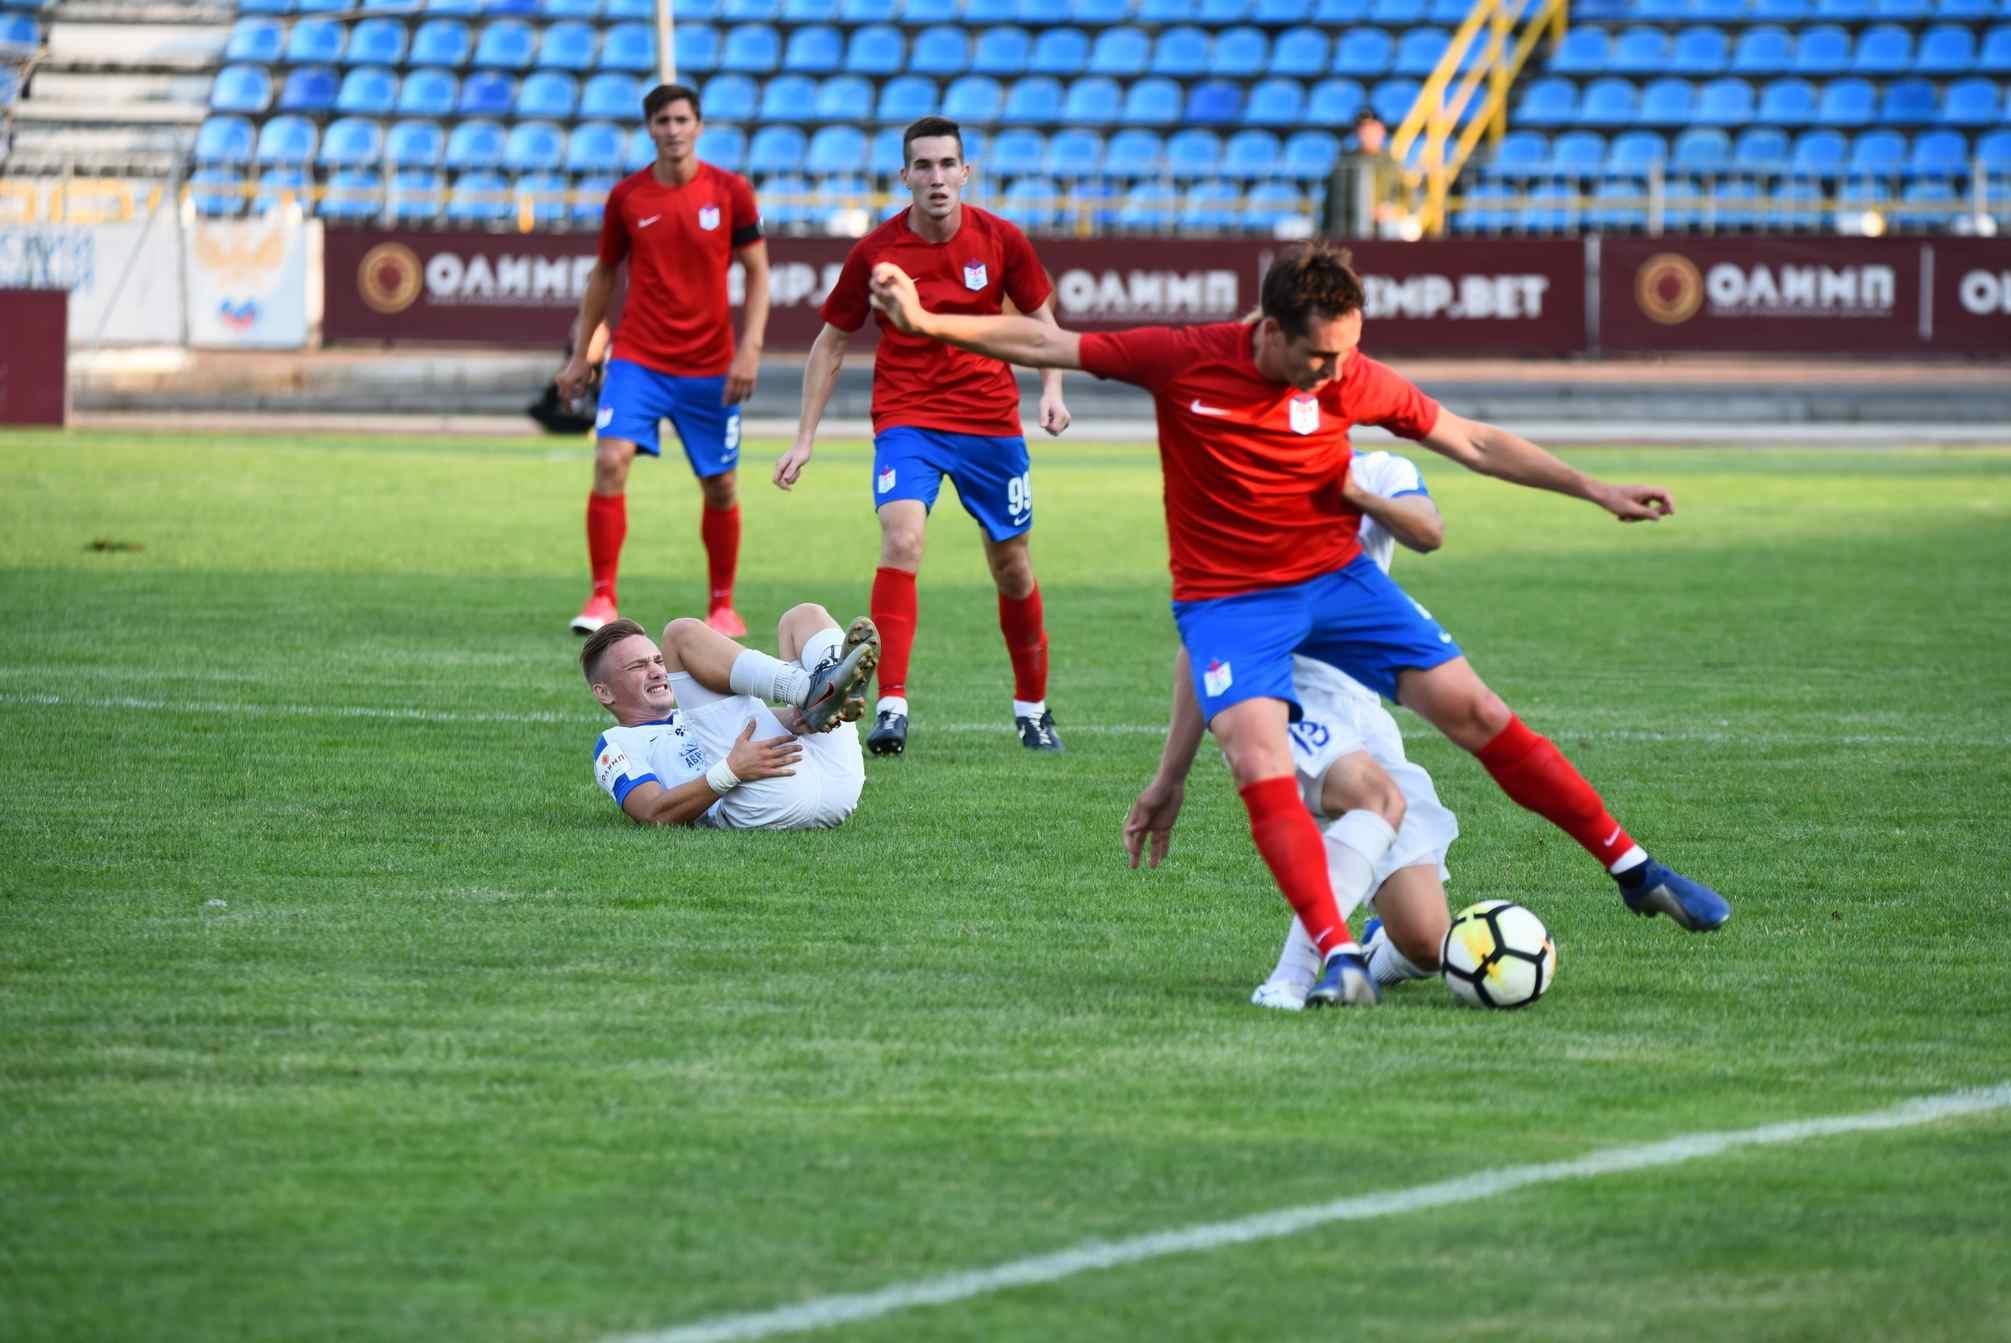 Новороссийский футболист наступил нагрудь сопернику